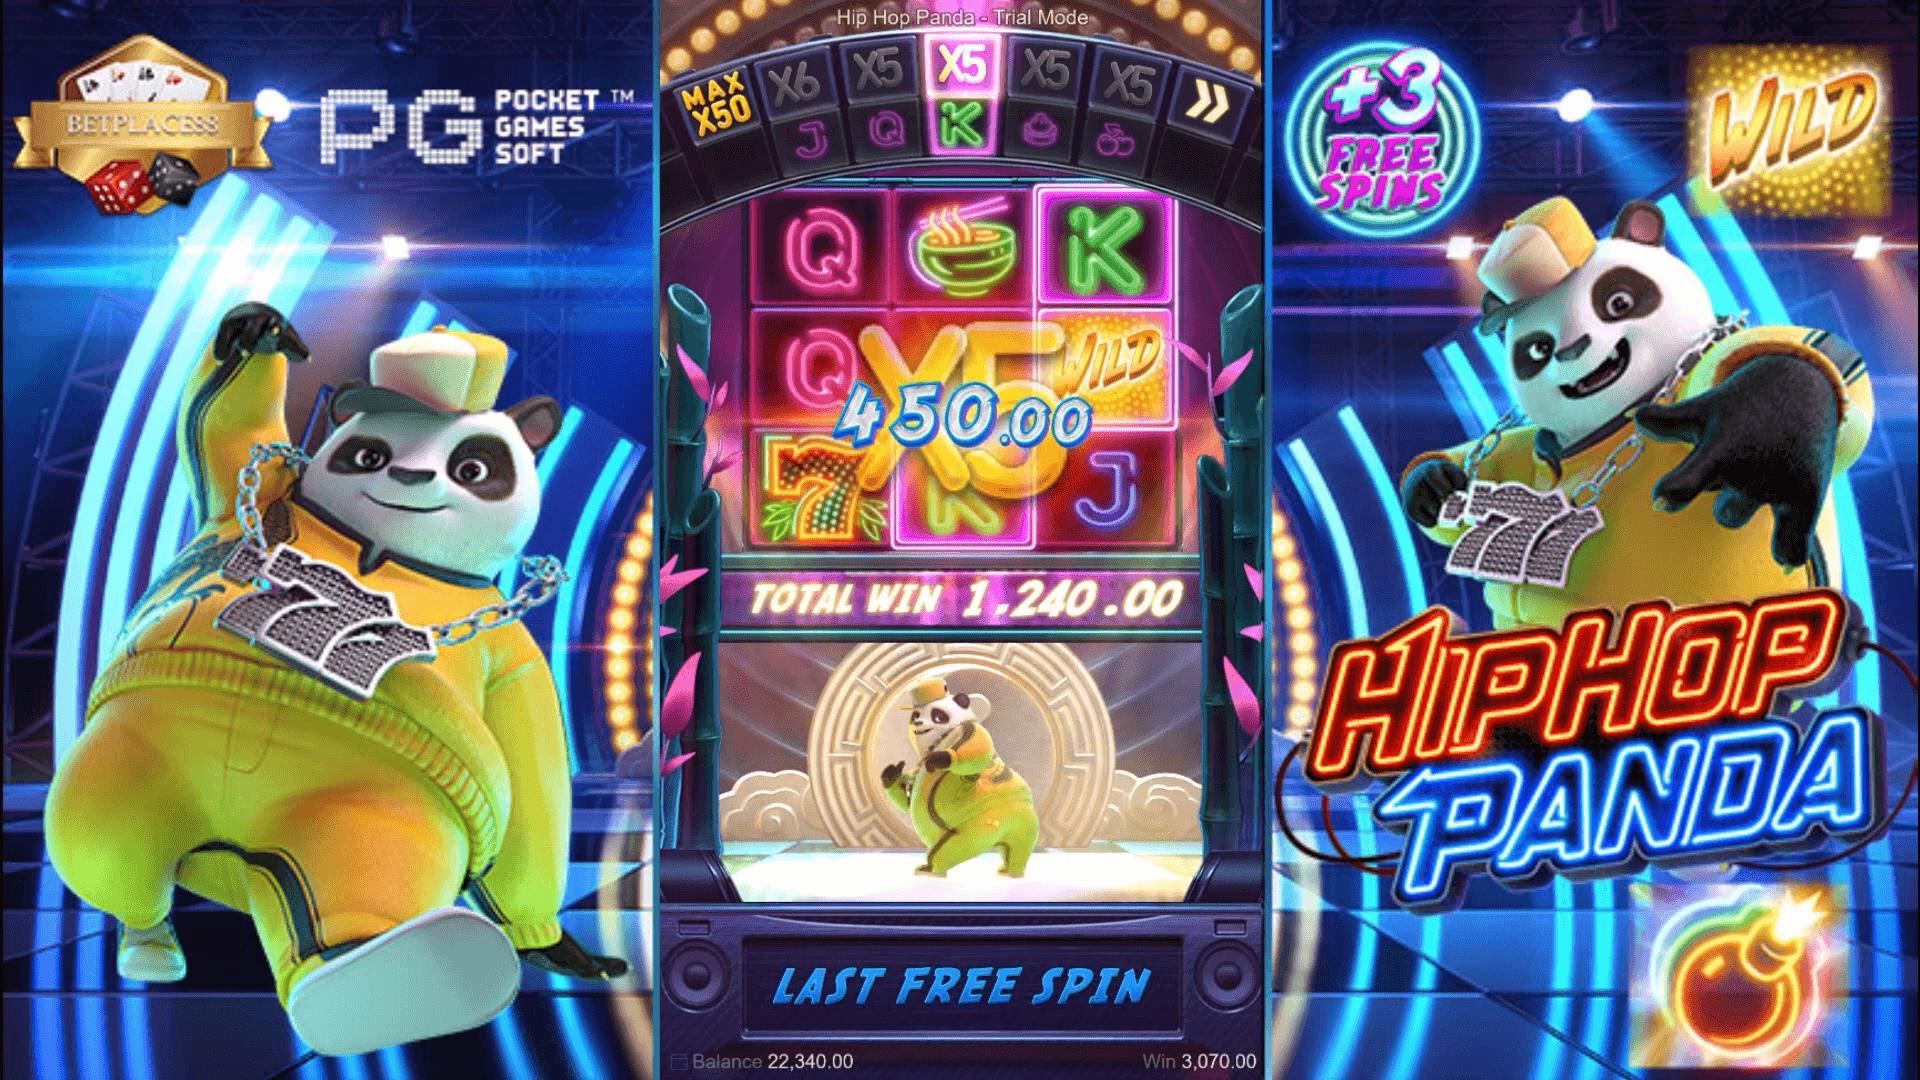 ชนะเกม สล็อตออนไลน์ PG SLOT เทคนิคเล่น Hip Hop Panda